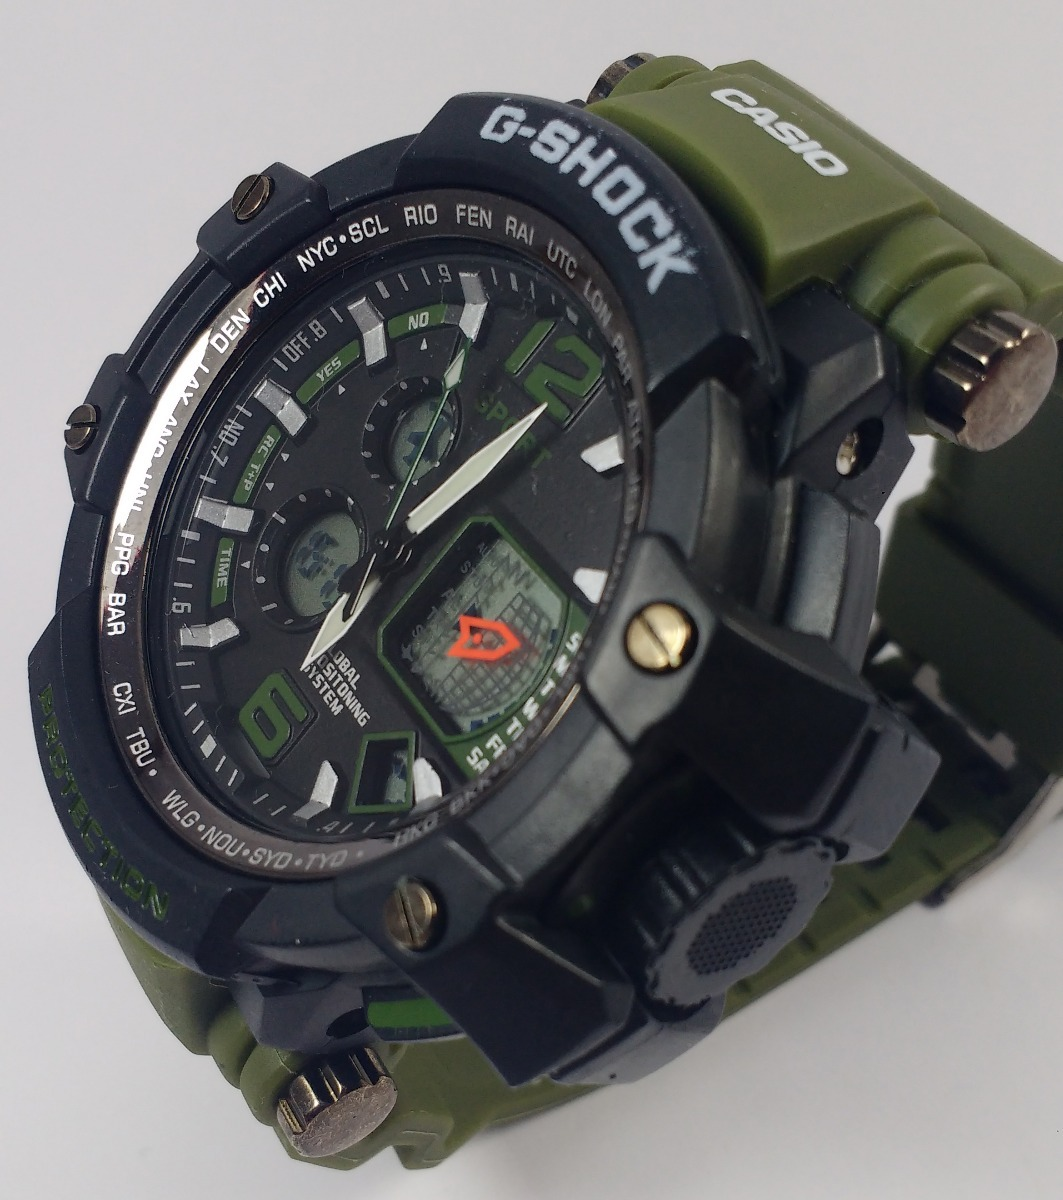 0bbb683078d relógio masculino g shock militar frete grátis. Carregando zoom.